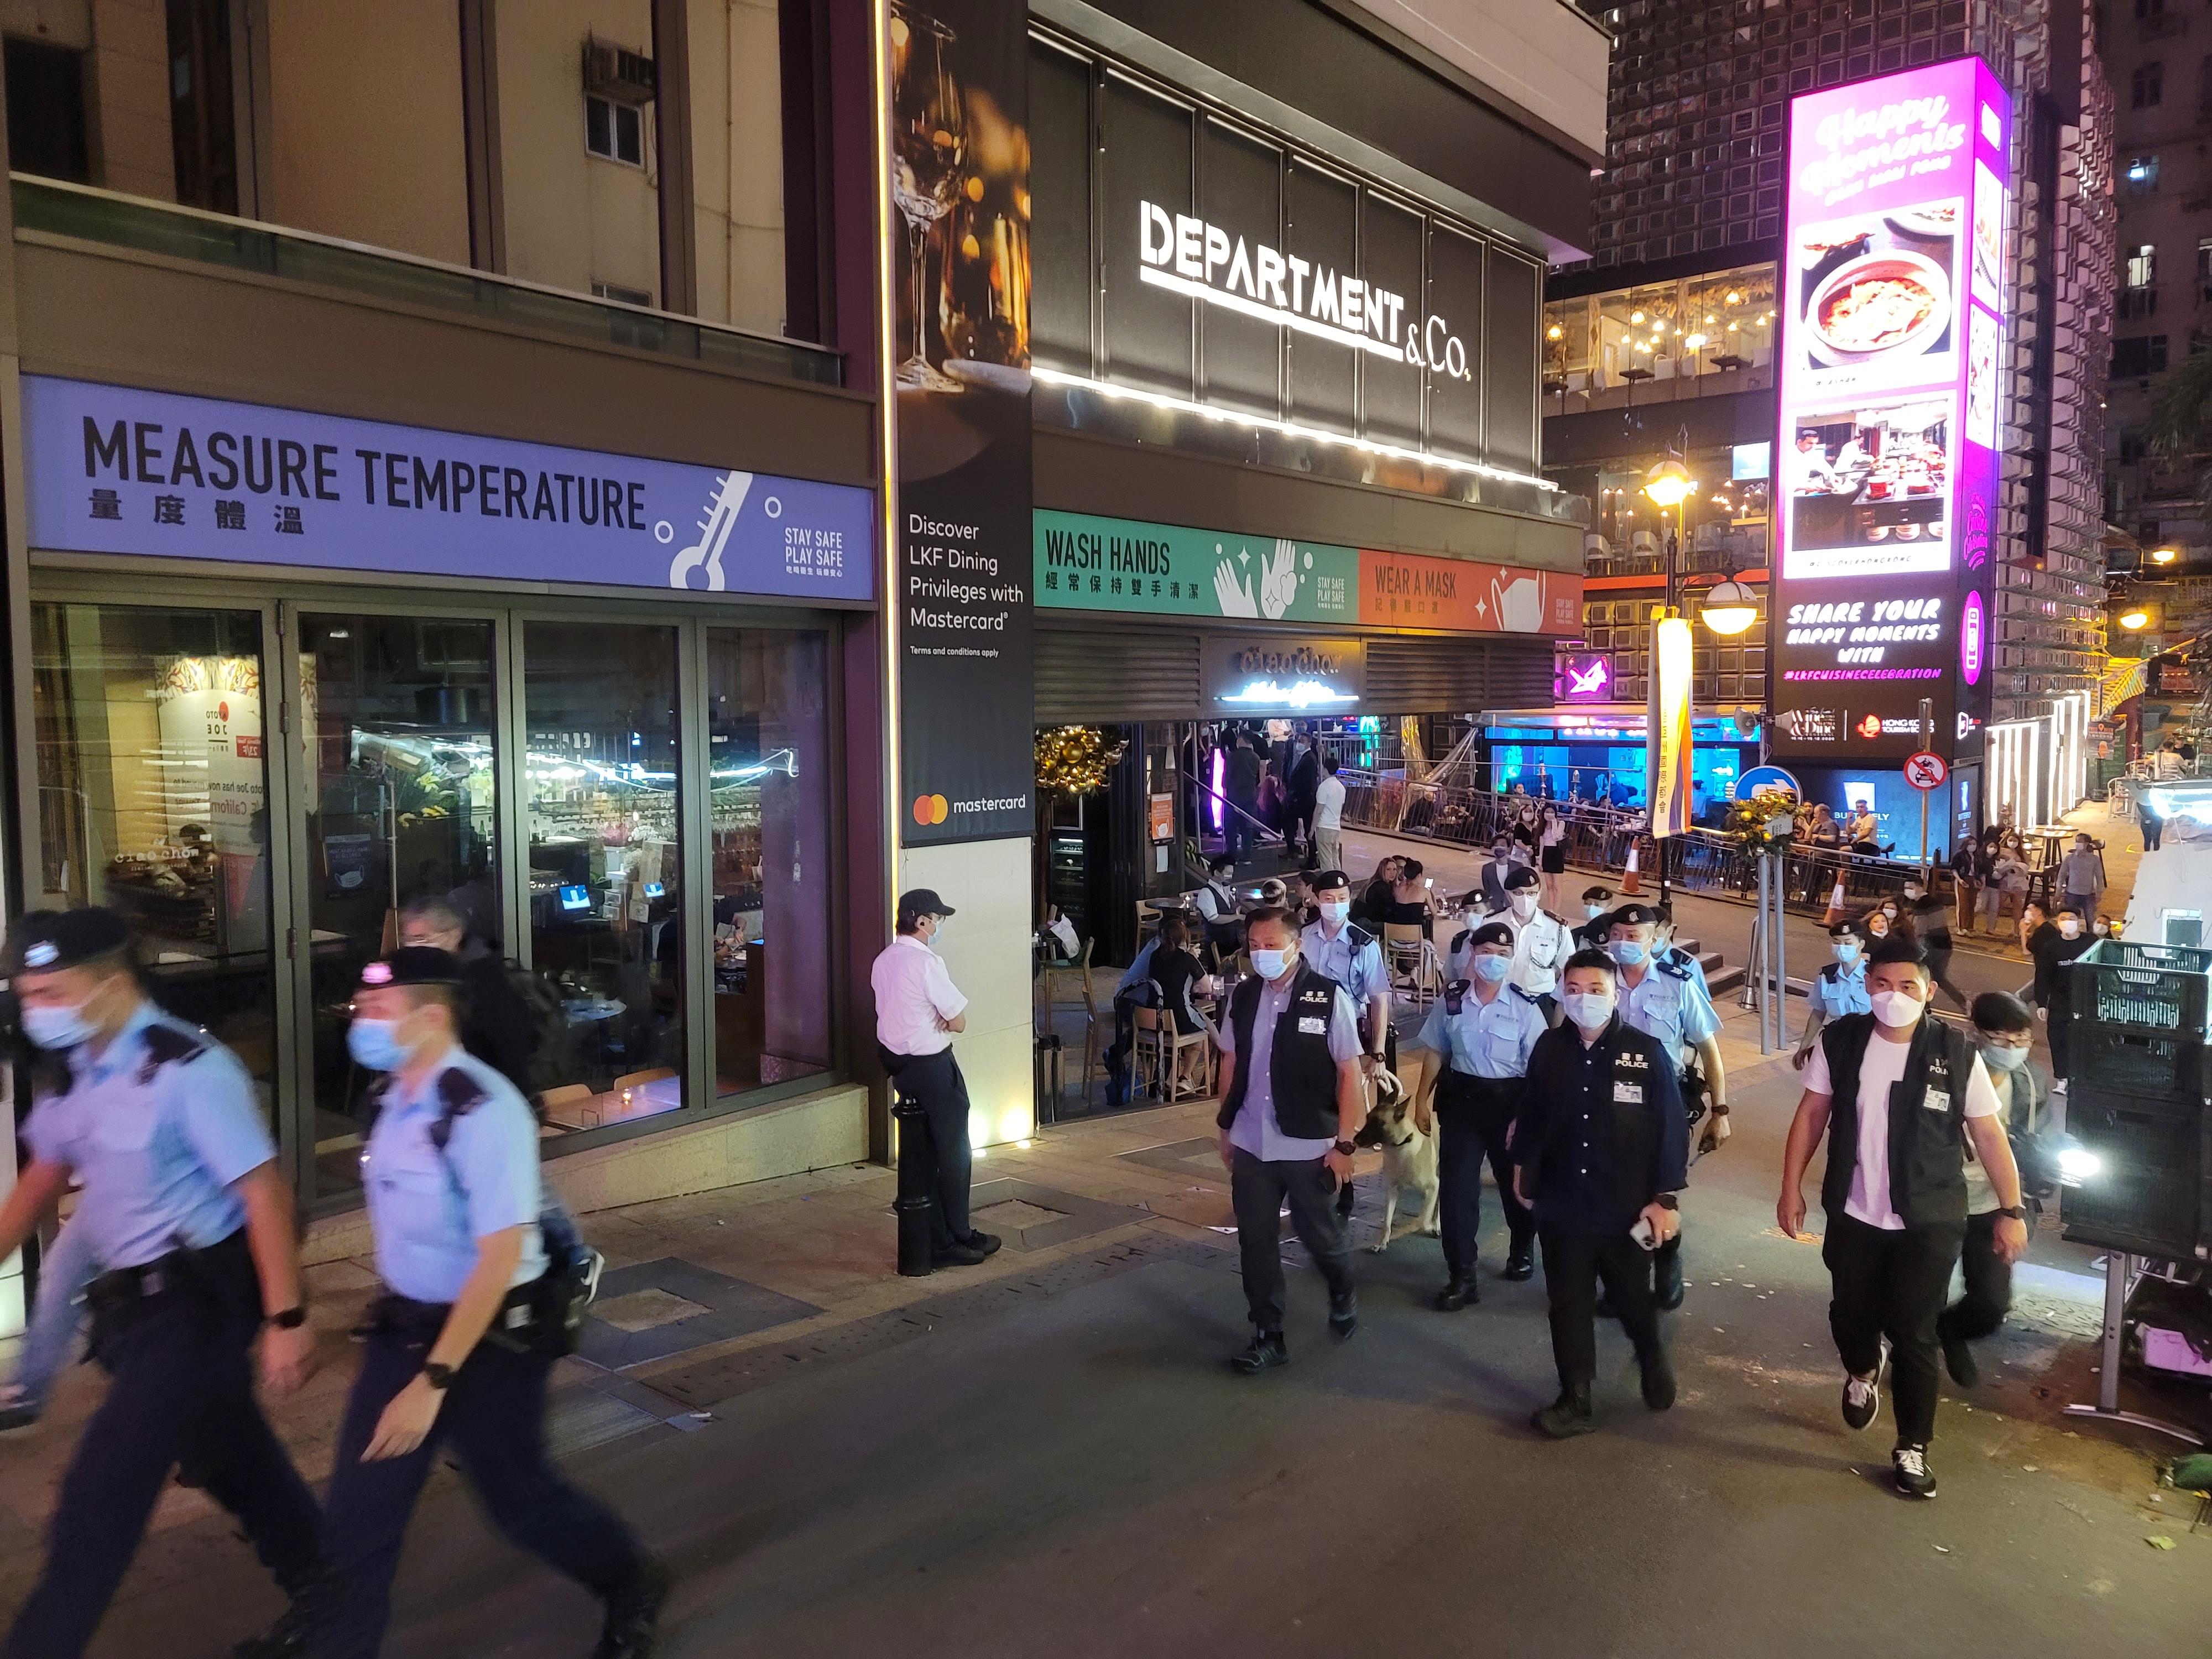 政府日前對餐飲場所,包括酒吧收緊防疫措施。警方及食環署將加強相關巡查。圖為警方今晚到中環蘭桂坊酒吧區查牌。(點新聞記者何燊亮攝)